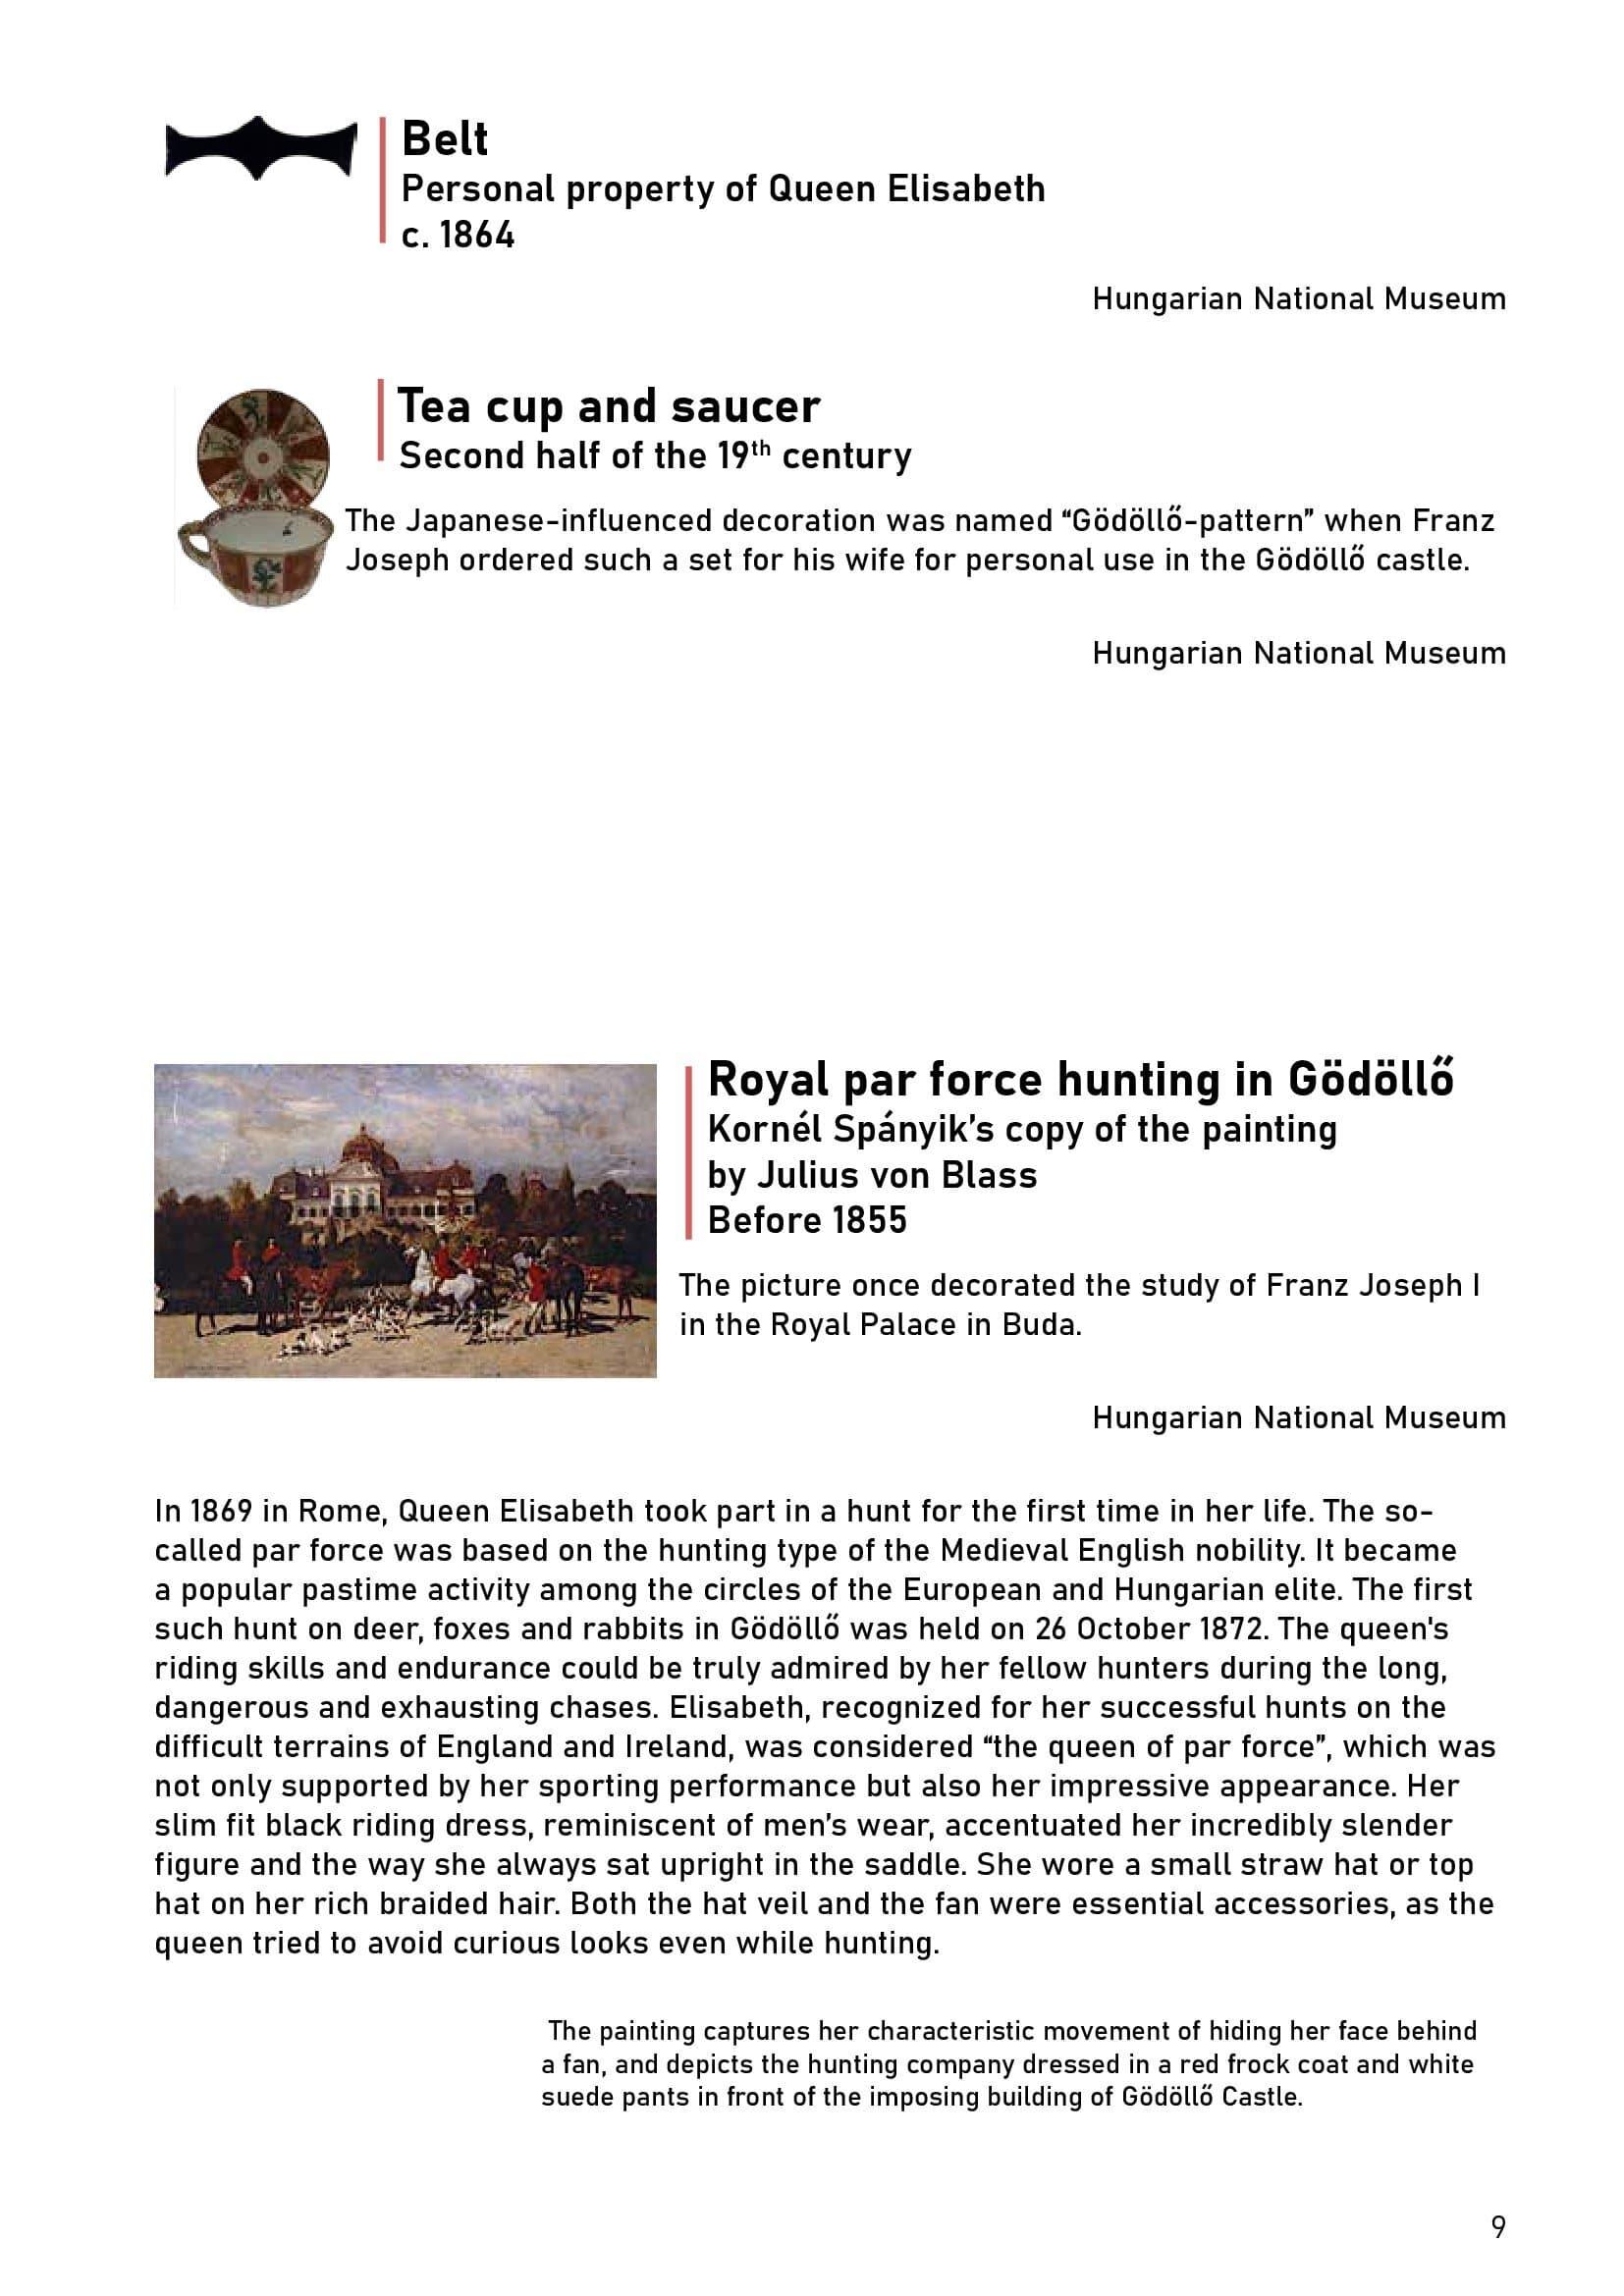 Sisi English guide_00009